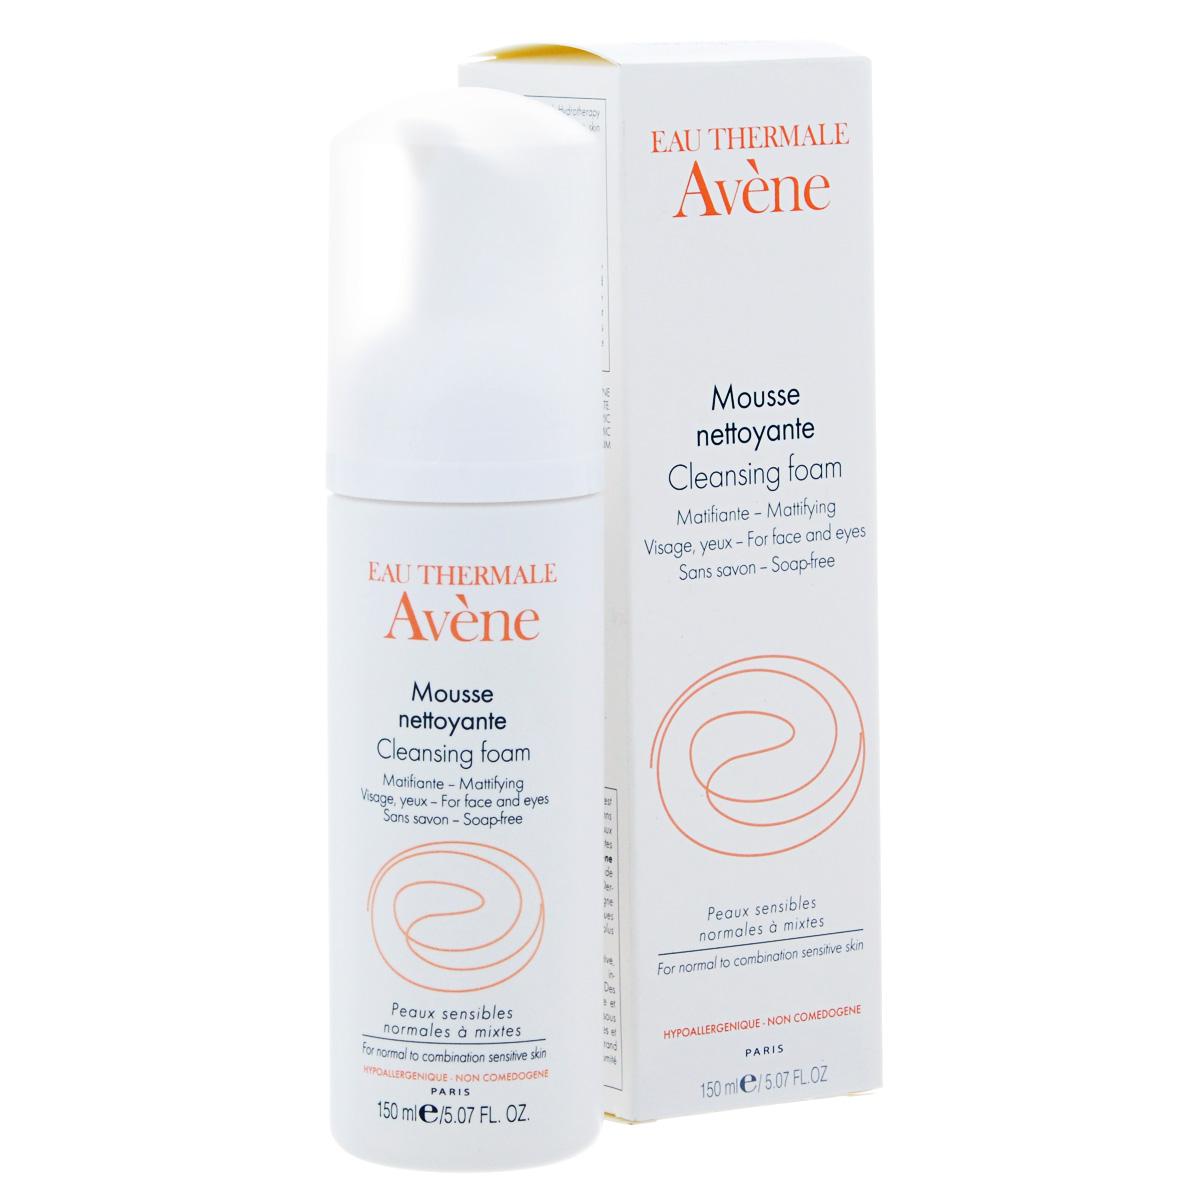 Avene Очищающая пенка Sensibles для лица и области вокруг глаз 150 млC35065Ежедневное очищение нормальной и комбинированной чувствительной кожи. Блеск кожи лба, носа, области подбородка, тусклый цвет лица, расширенные поры. Разработано специально для нормальной и комбинированной кожи. Очищающая пенка удаляет макияж, загрязнения и излишки кожного сала. Пенка легко смывается, оставляя на коже ощущение свежести.